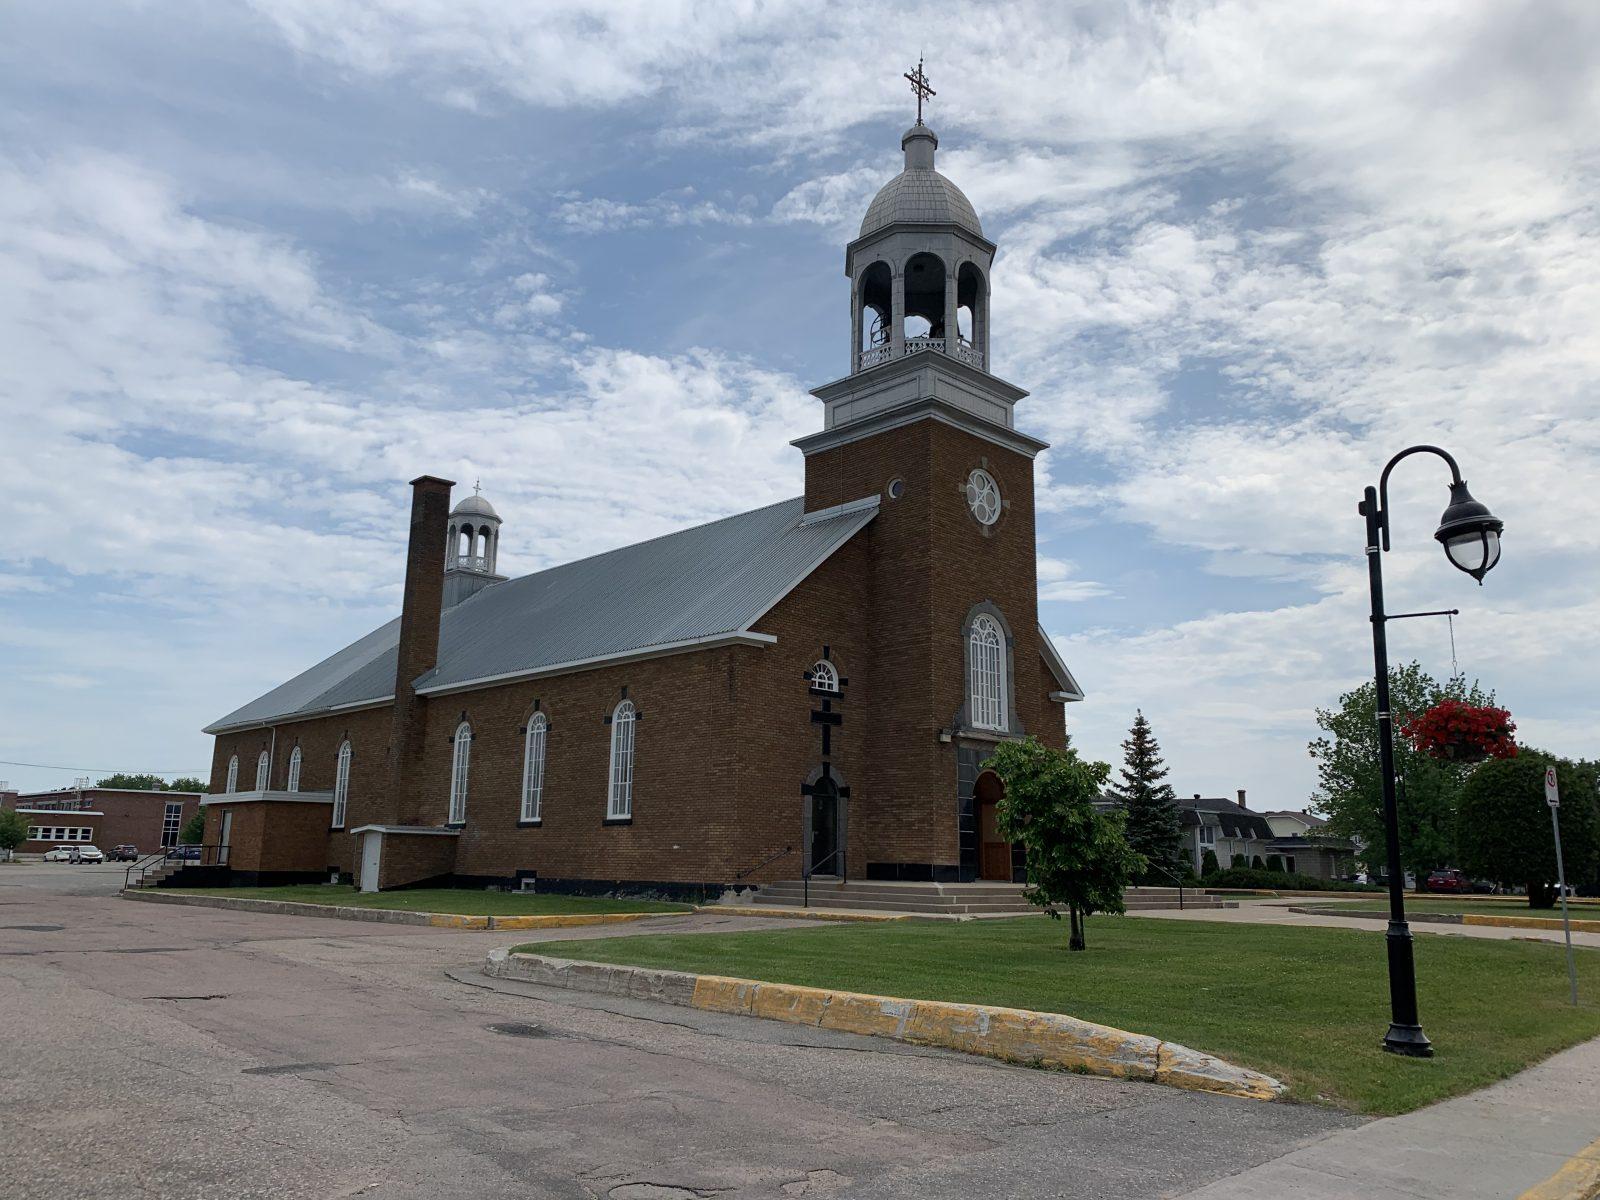 Réouverture des églises : oui aux funérailles, non aux messes du dimanche